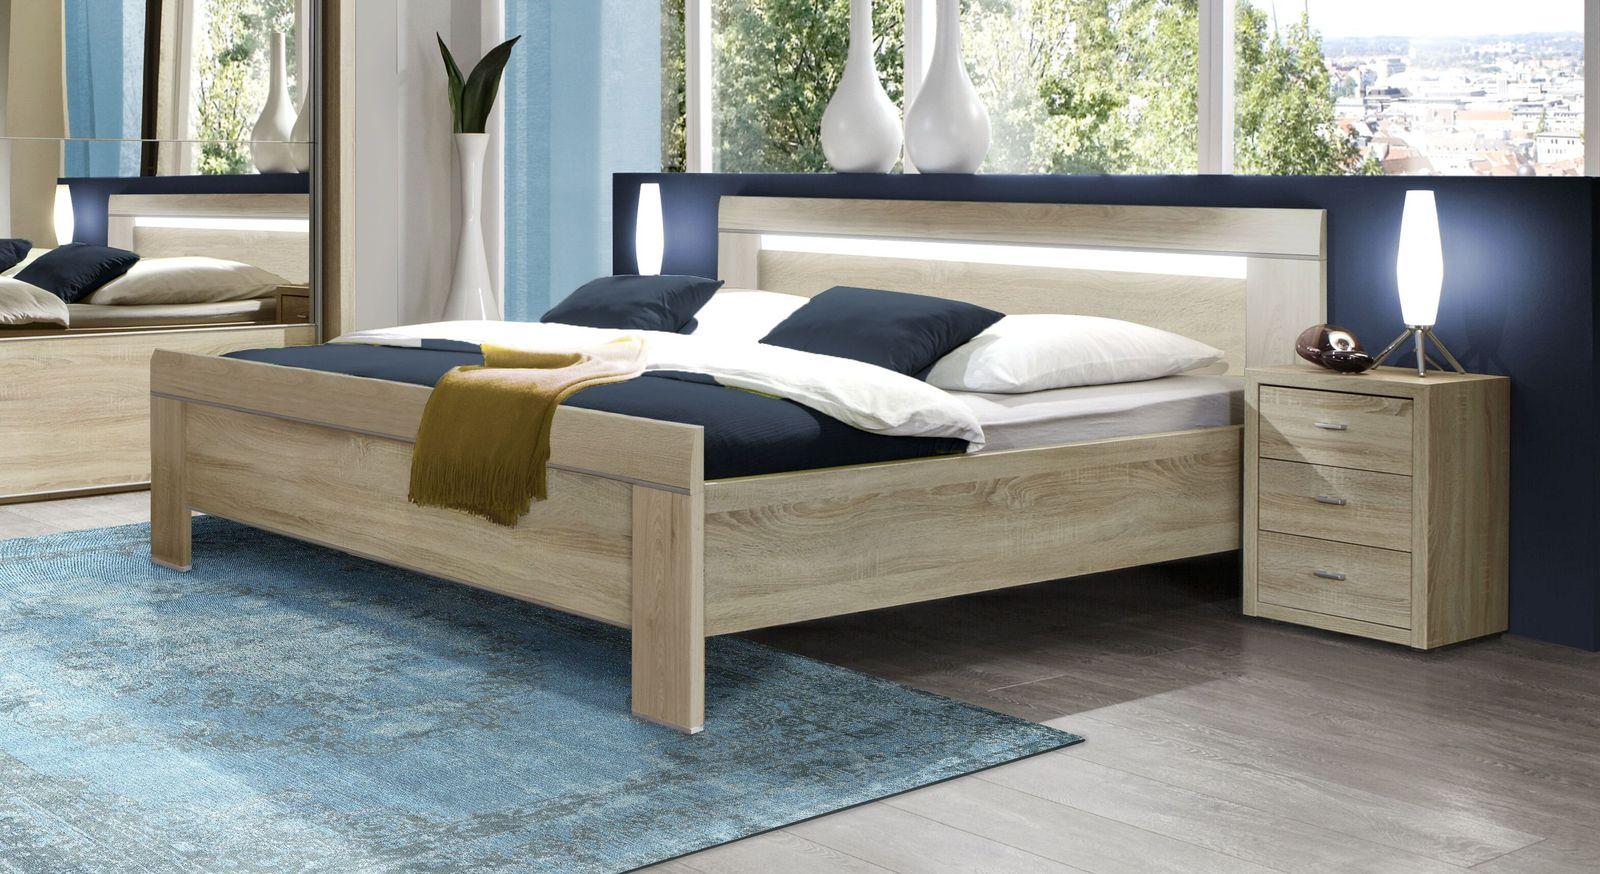 Geradliniges Komforthöhe Bett In Eiche Sägerau Dekor Seymour